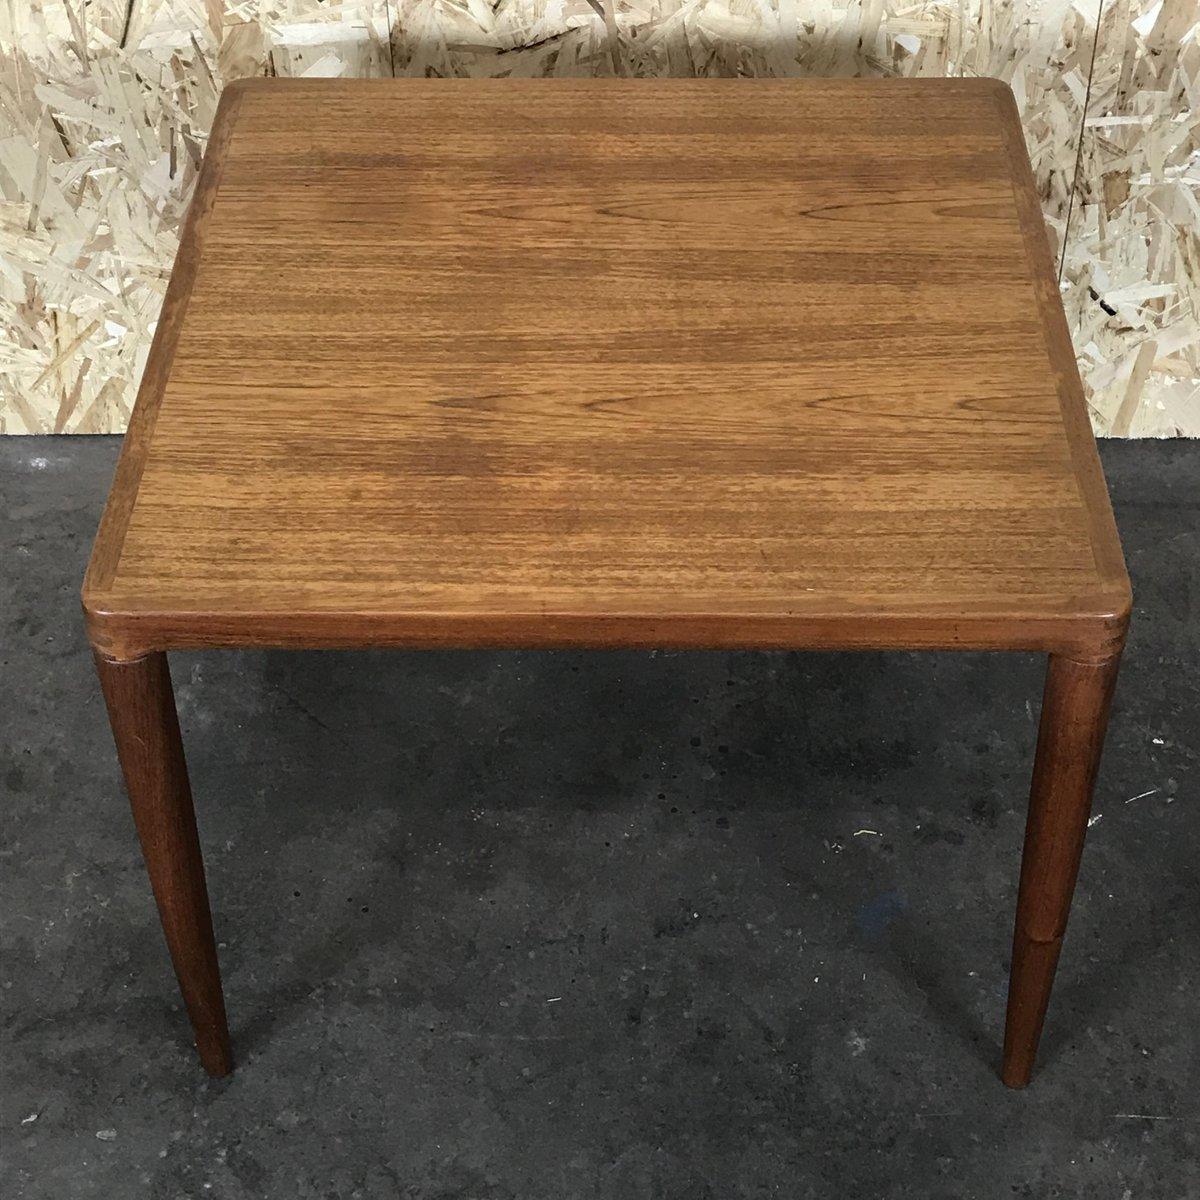 Retro Style Coffee Table Australia: Vintage No. 282 Teak Coffee Table By H. W. Klein For